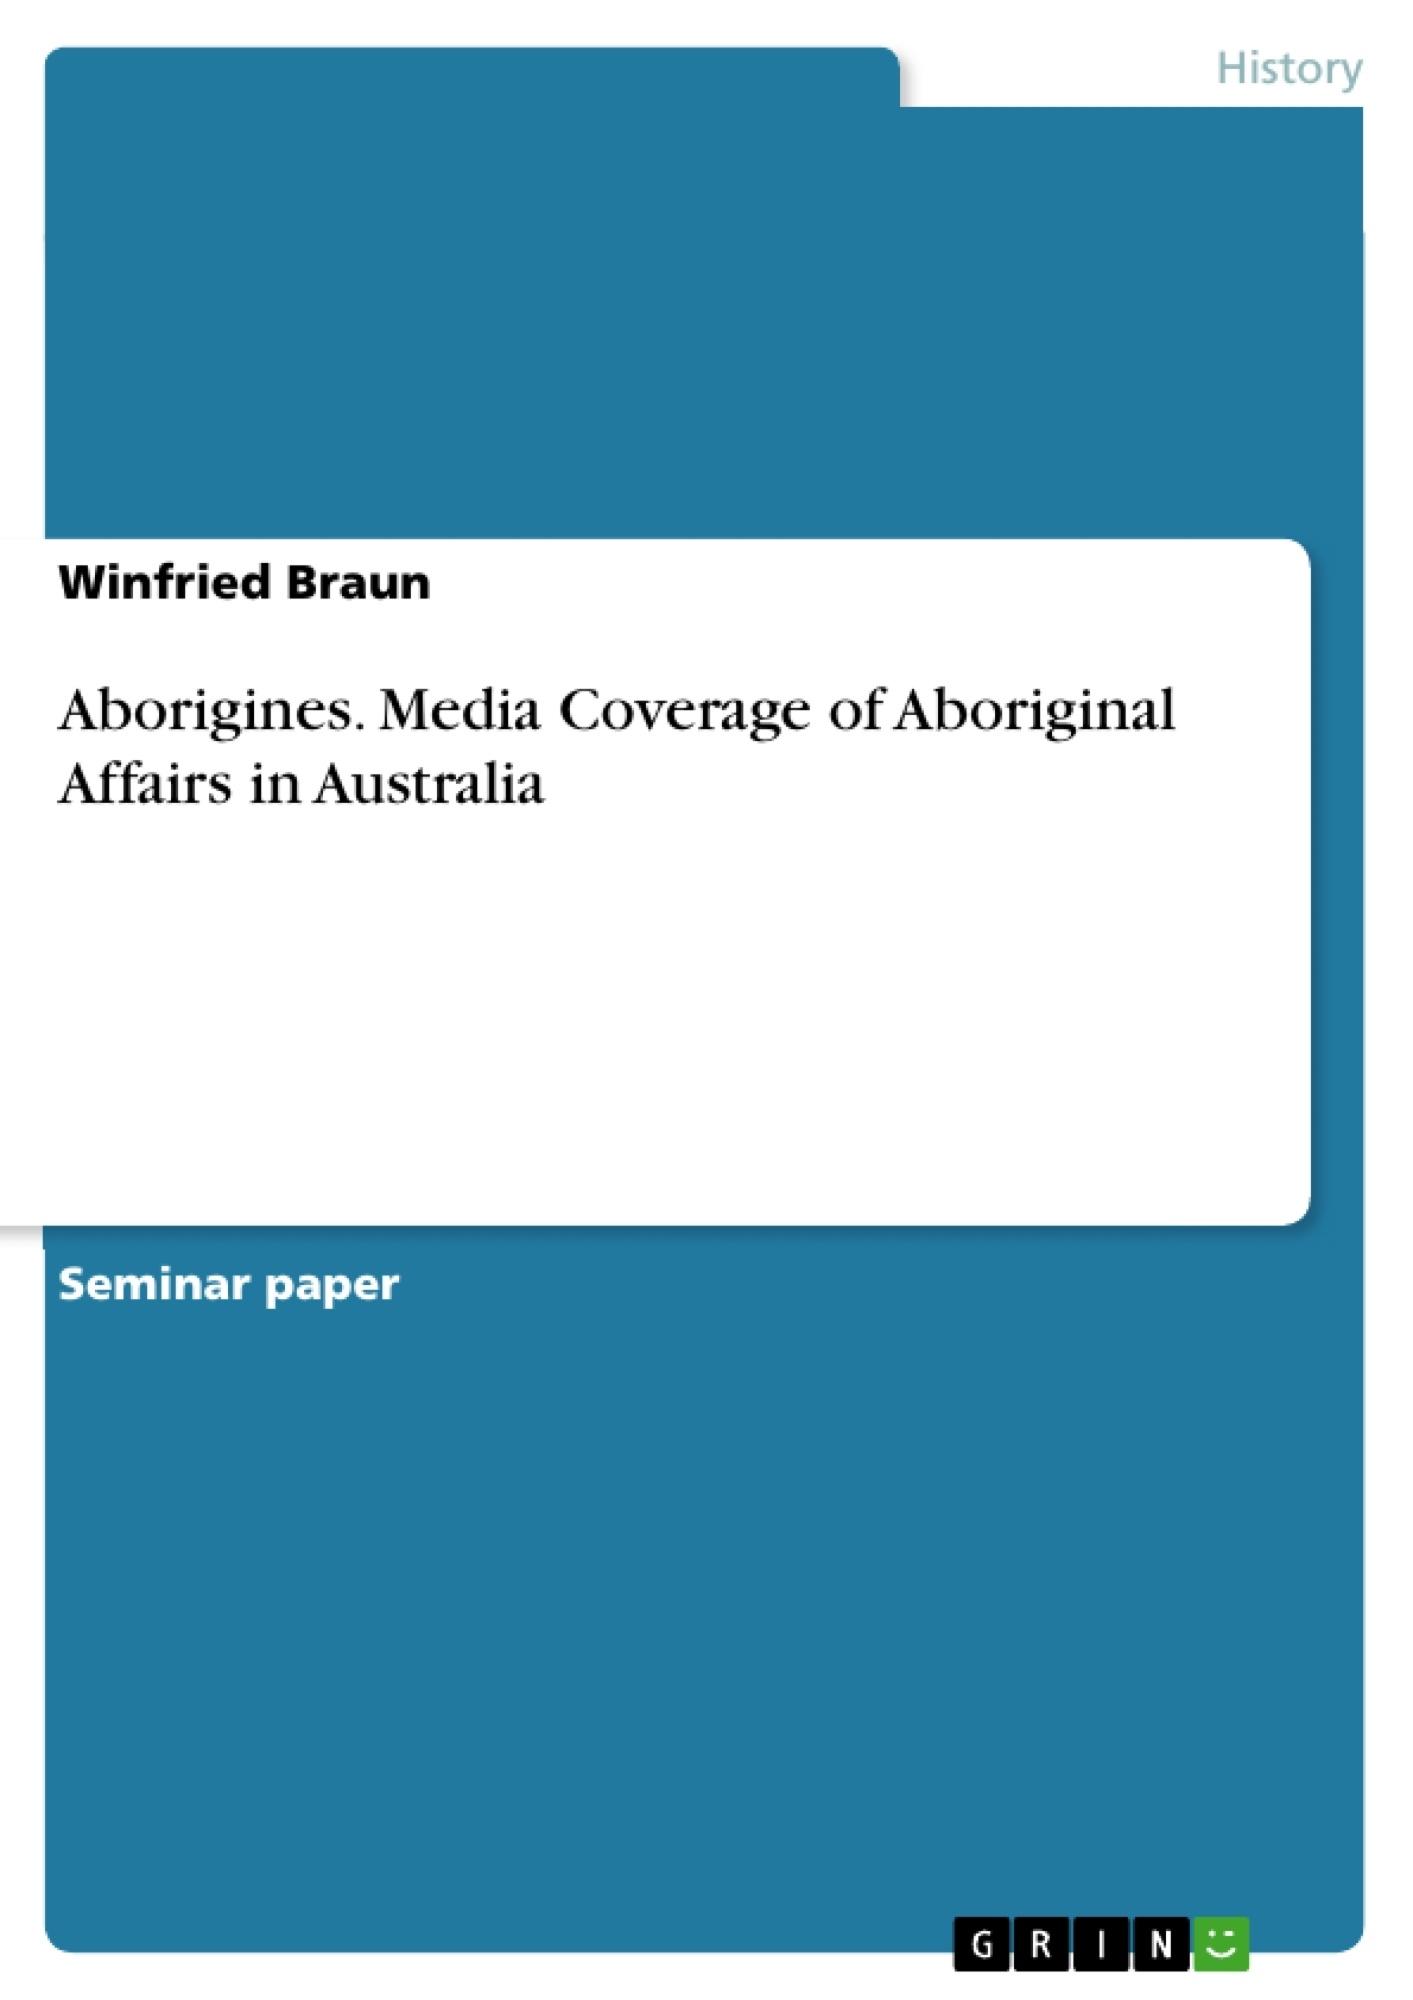 Title: Aborigines. Media Coverage of Aboriginal Affairs in Australia